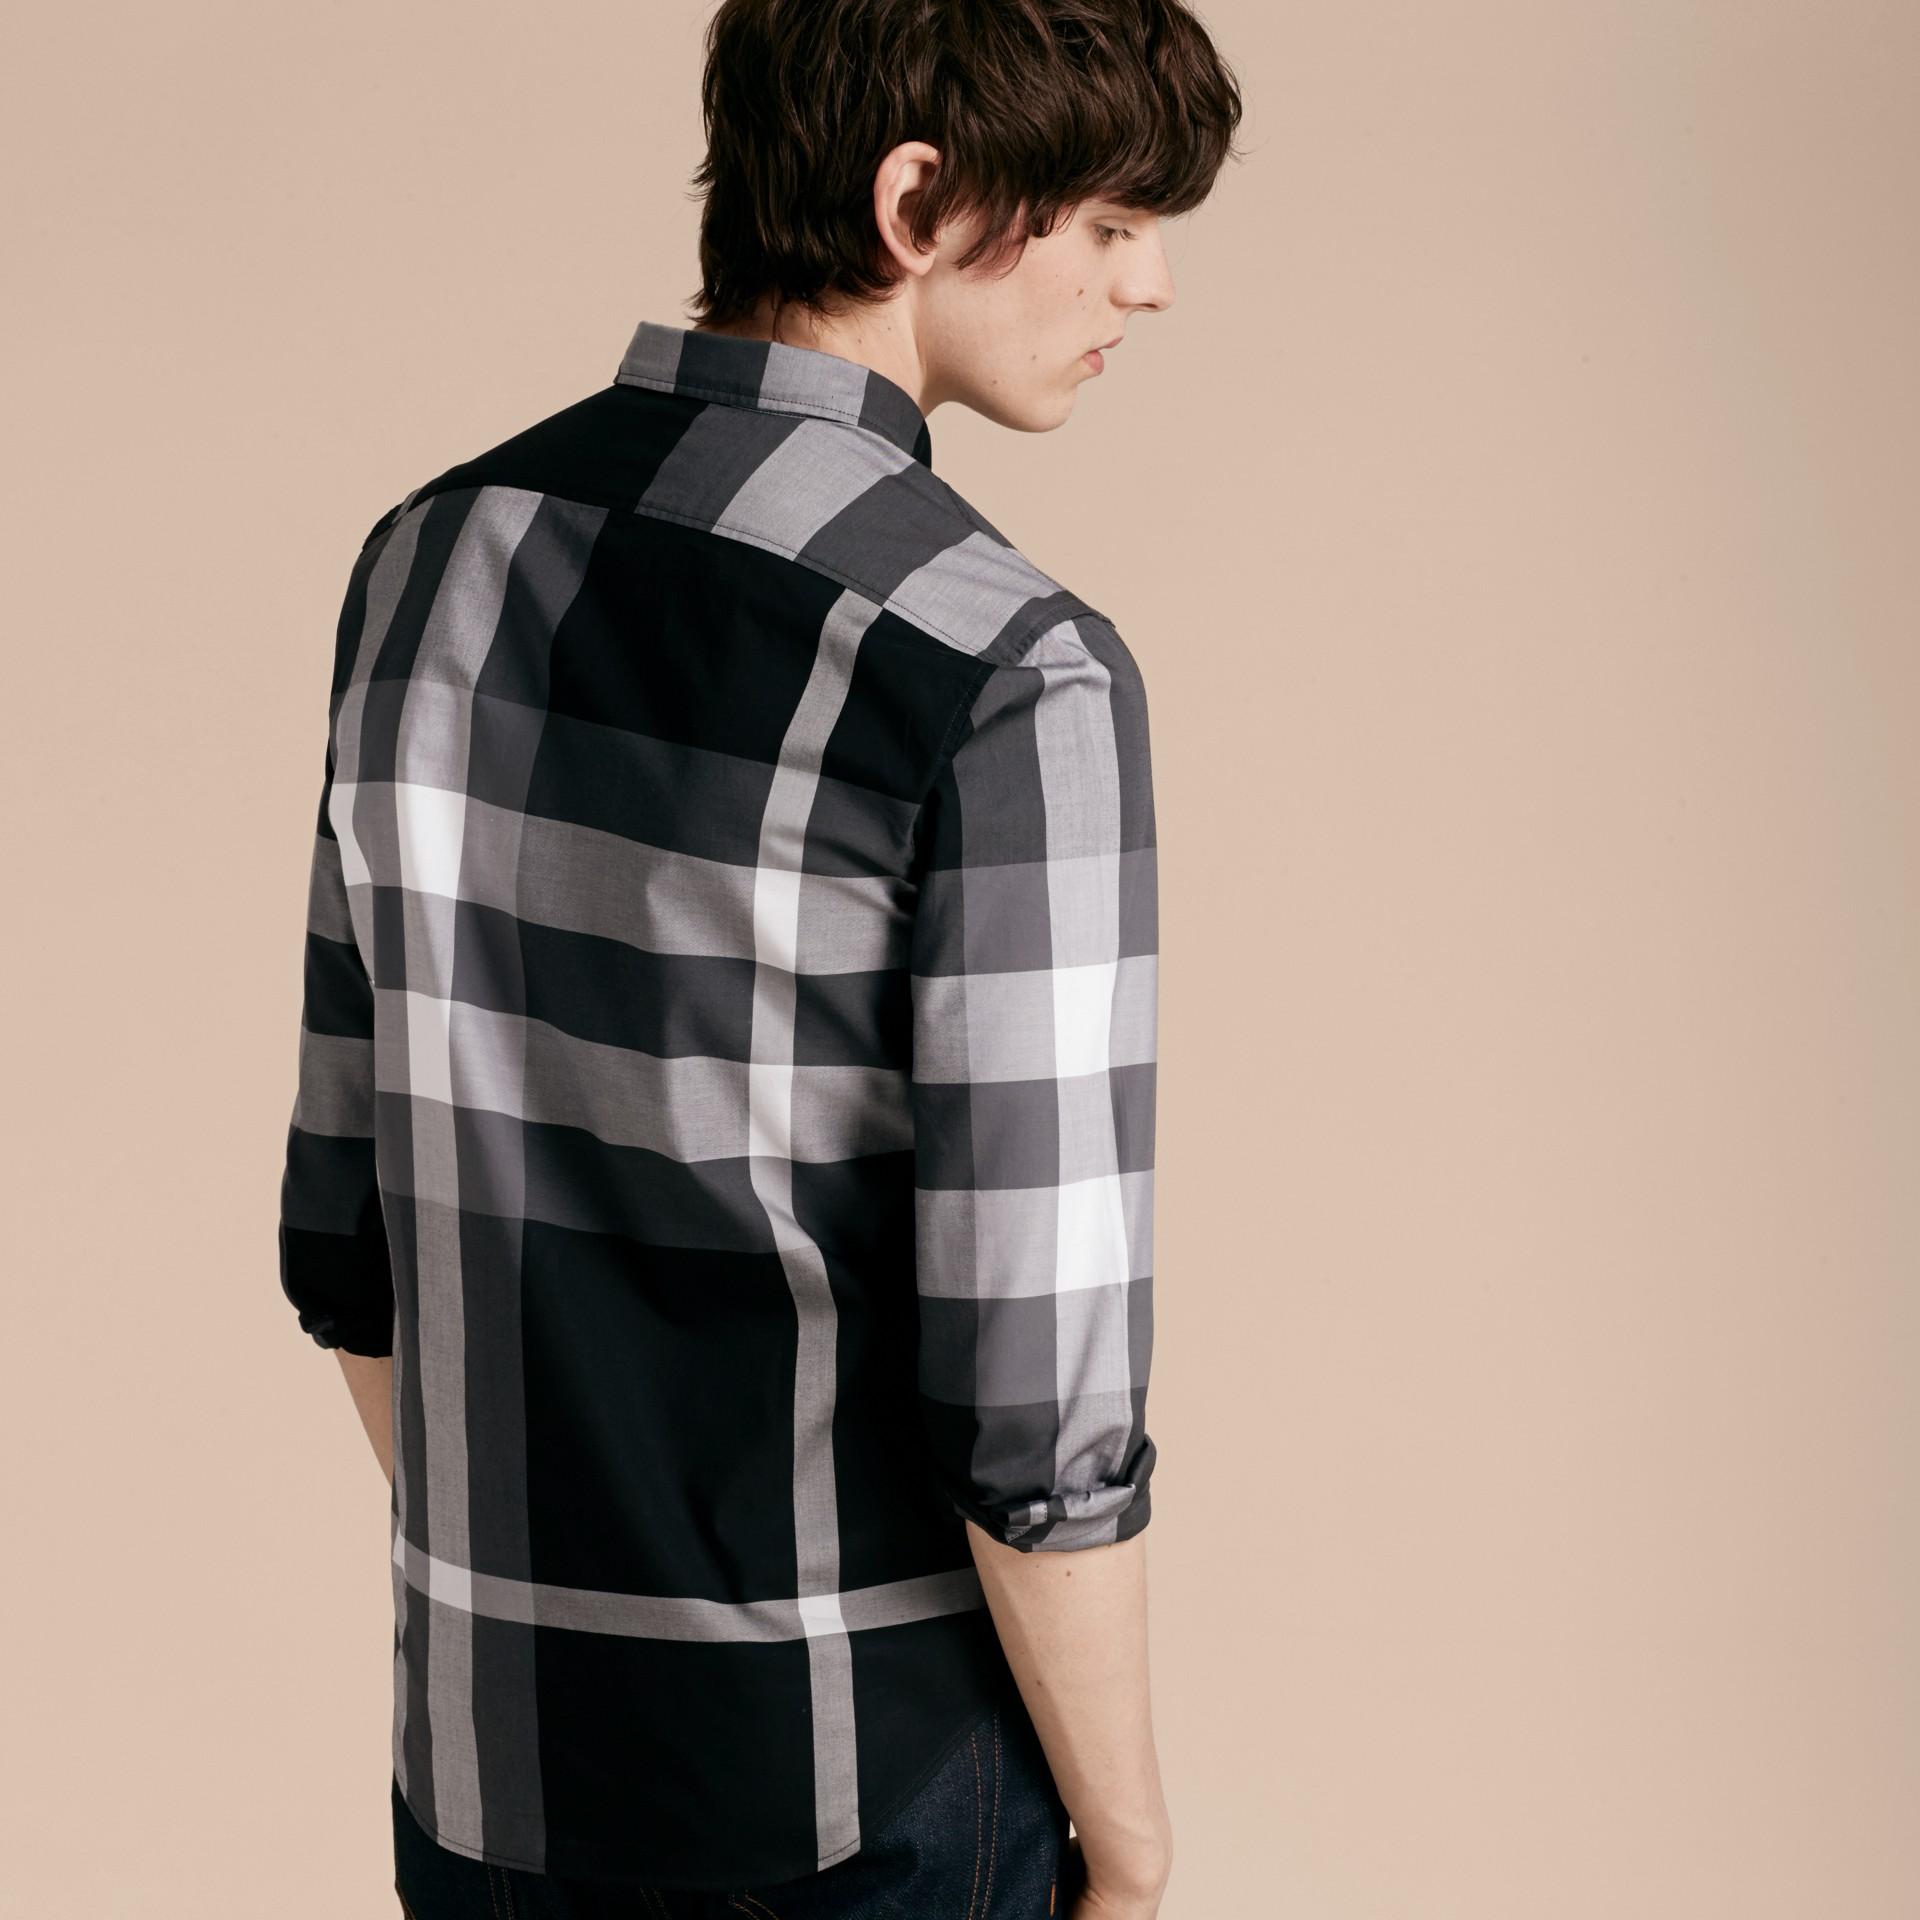 Nero Camicia in cotone con motivo check Nero - immagine della galleria 3